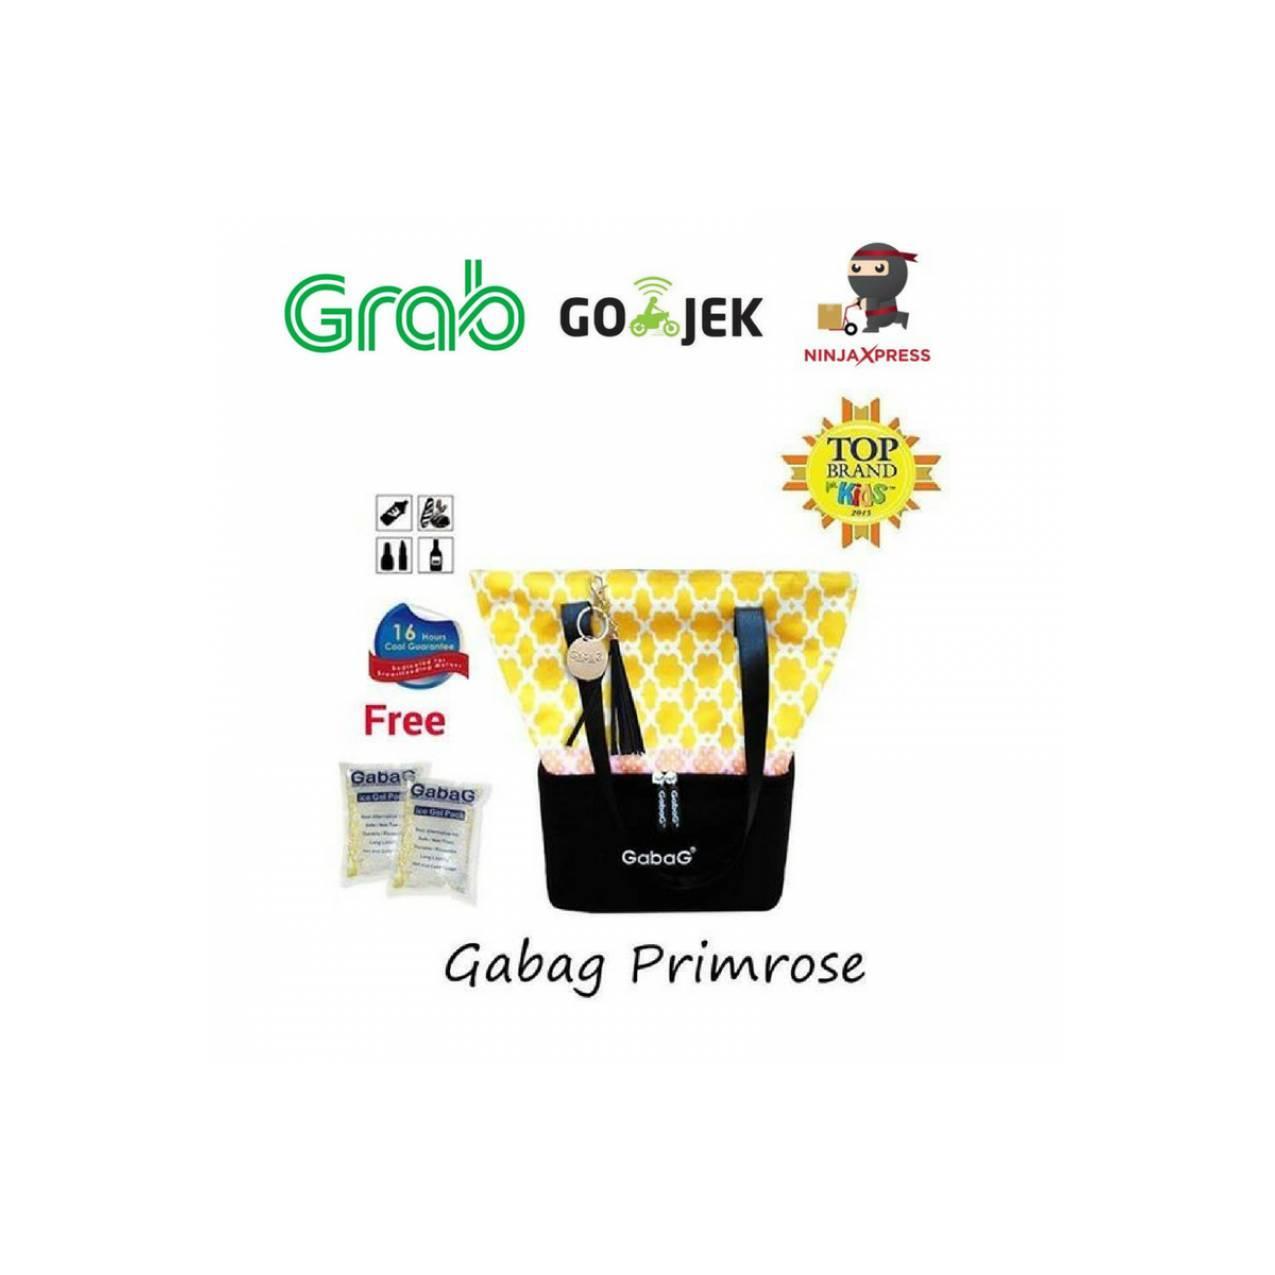 Jual Cooler Bag ASI GabaG Primrose Murah